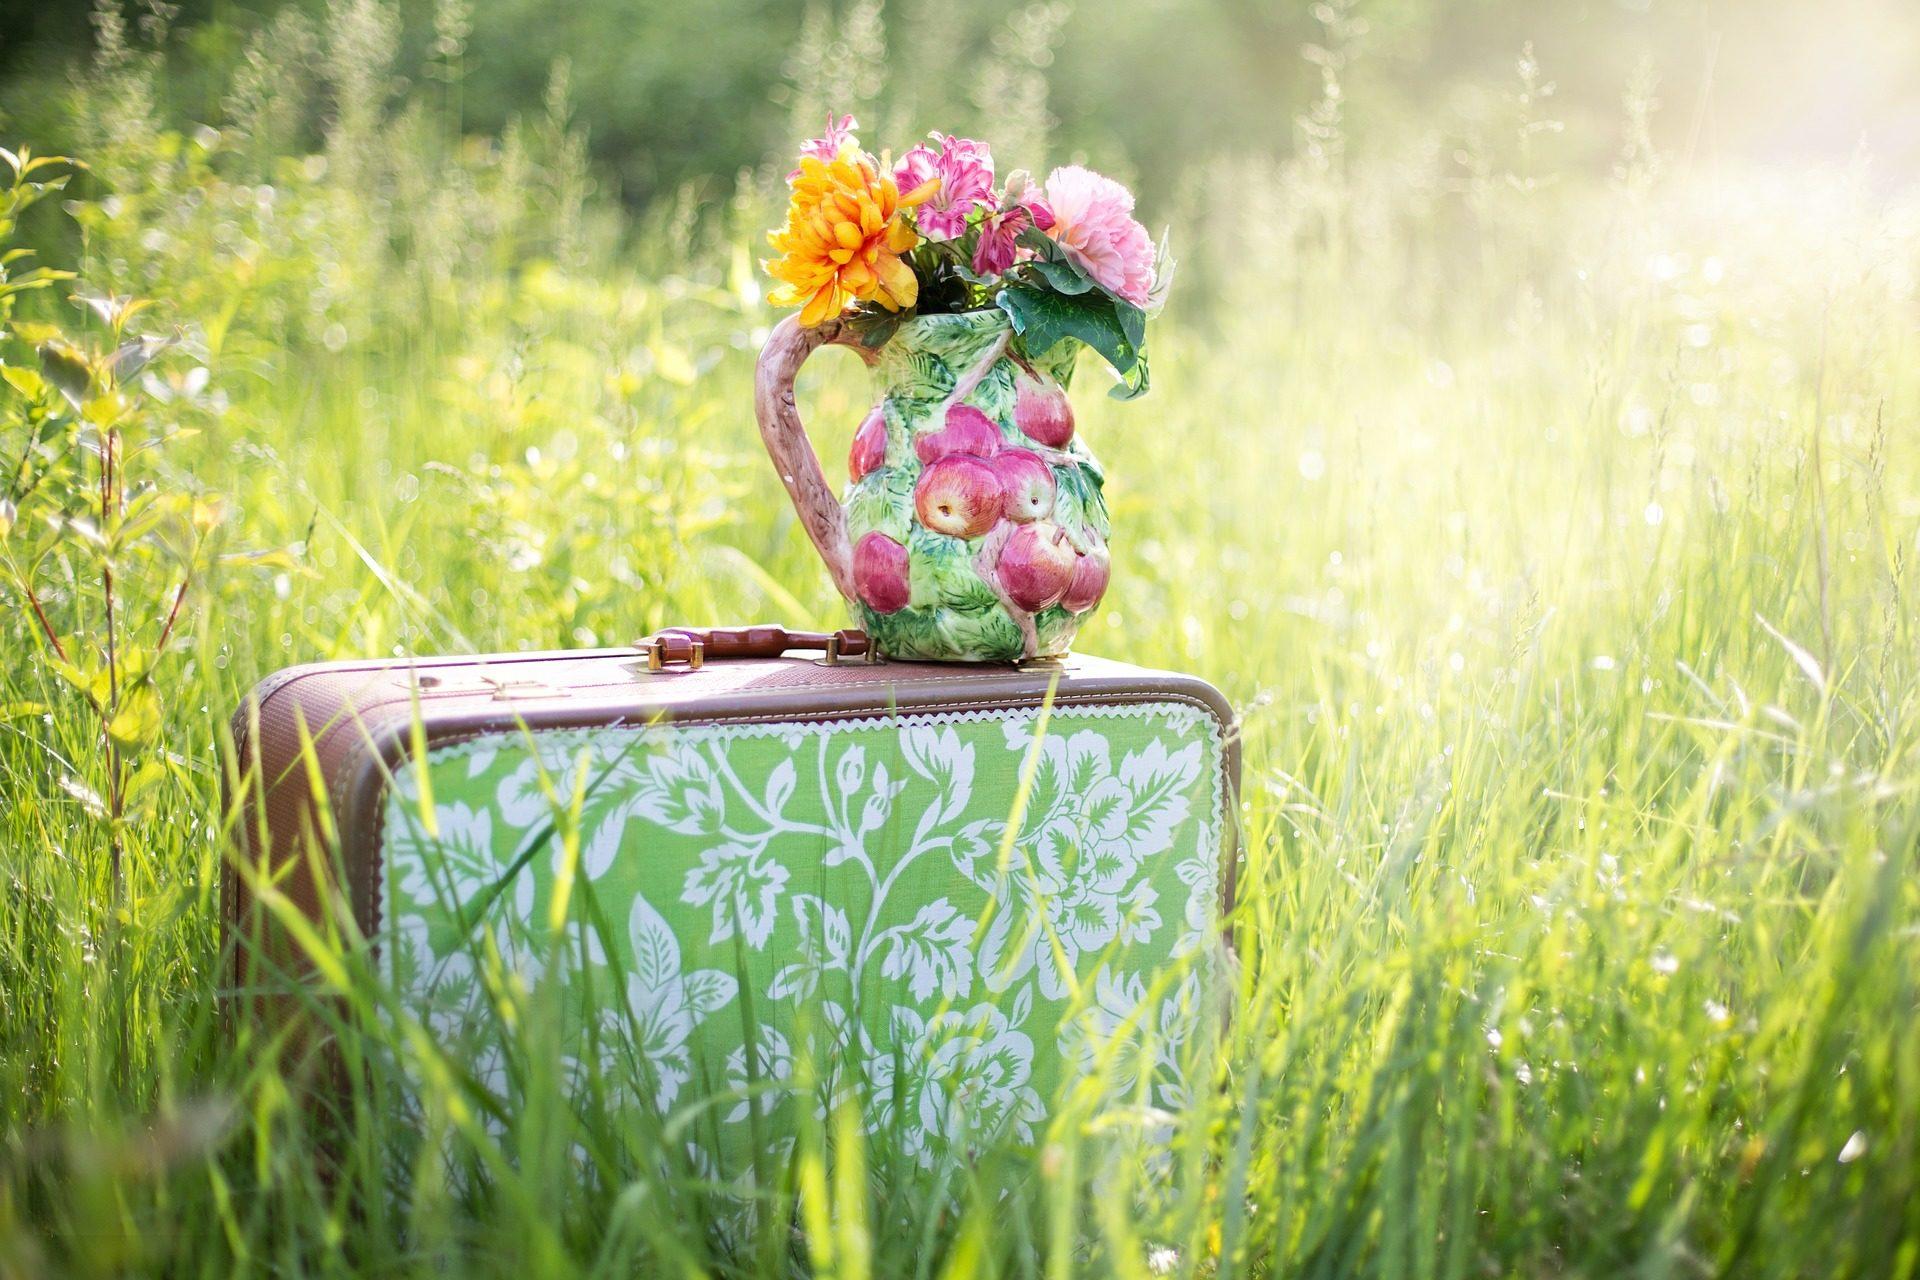 手提箱, 花瓶, 花, 字段, 草 - 高清壁纸 - 教授-falken.com